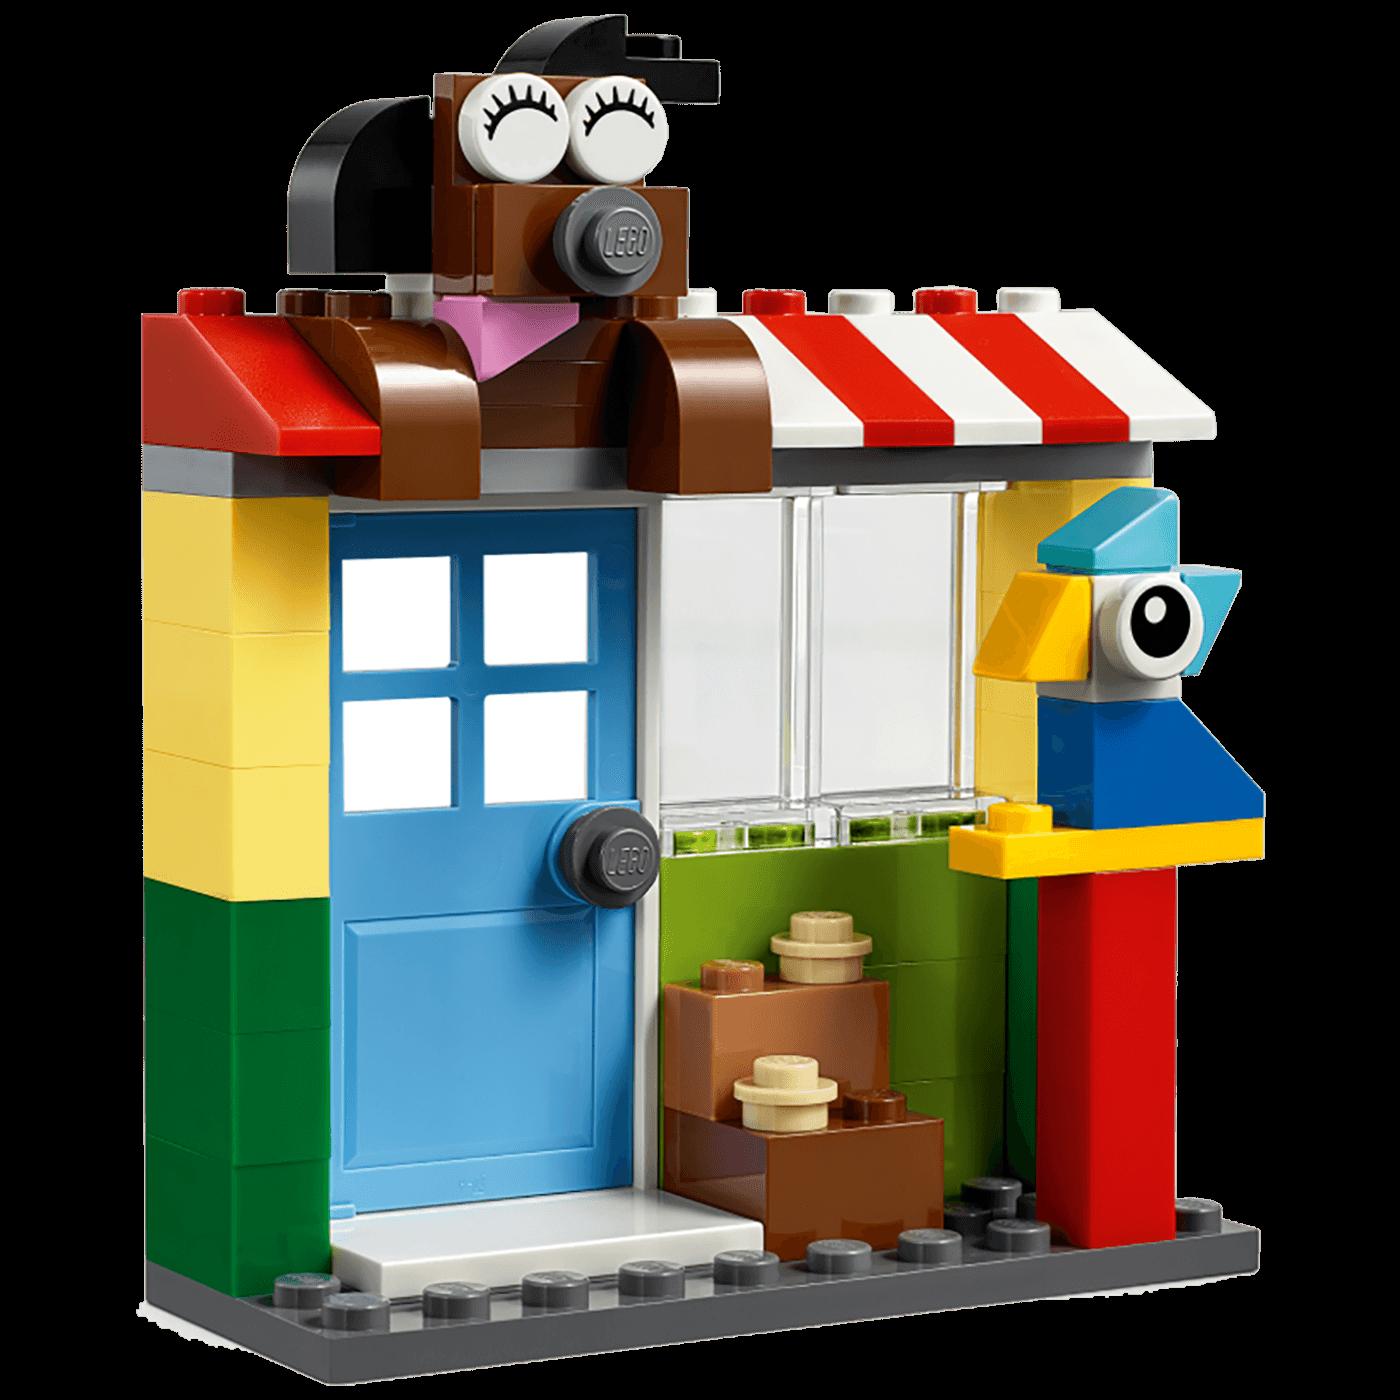 Kockice i oči, LEGO Classic